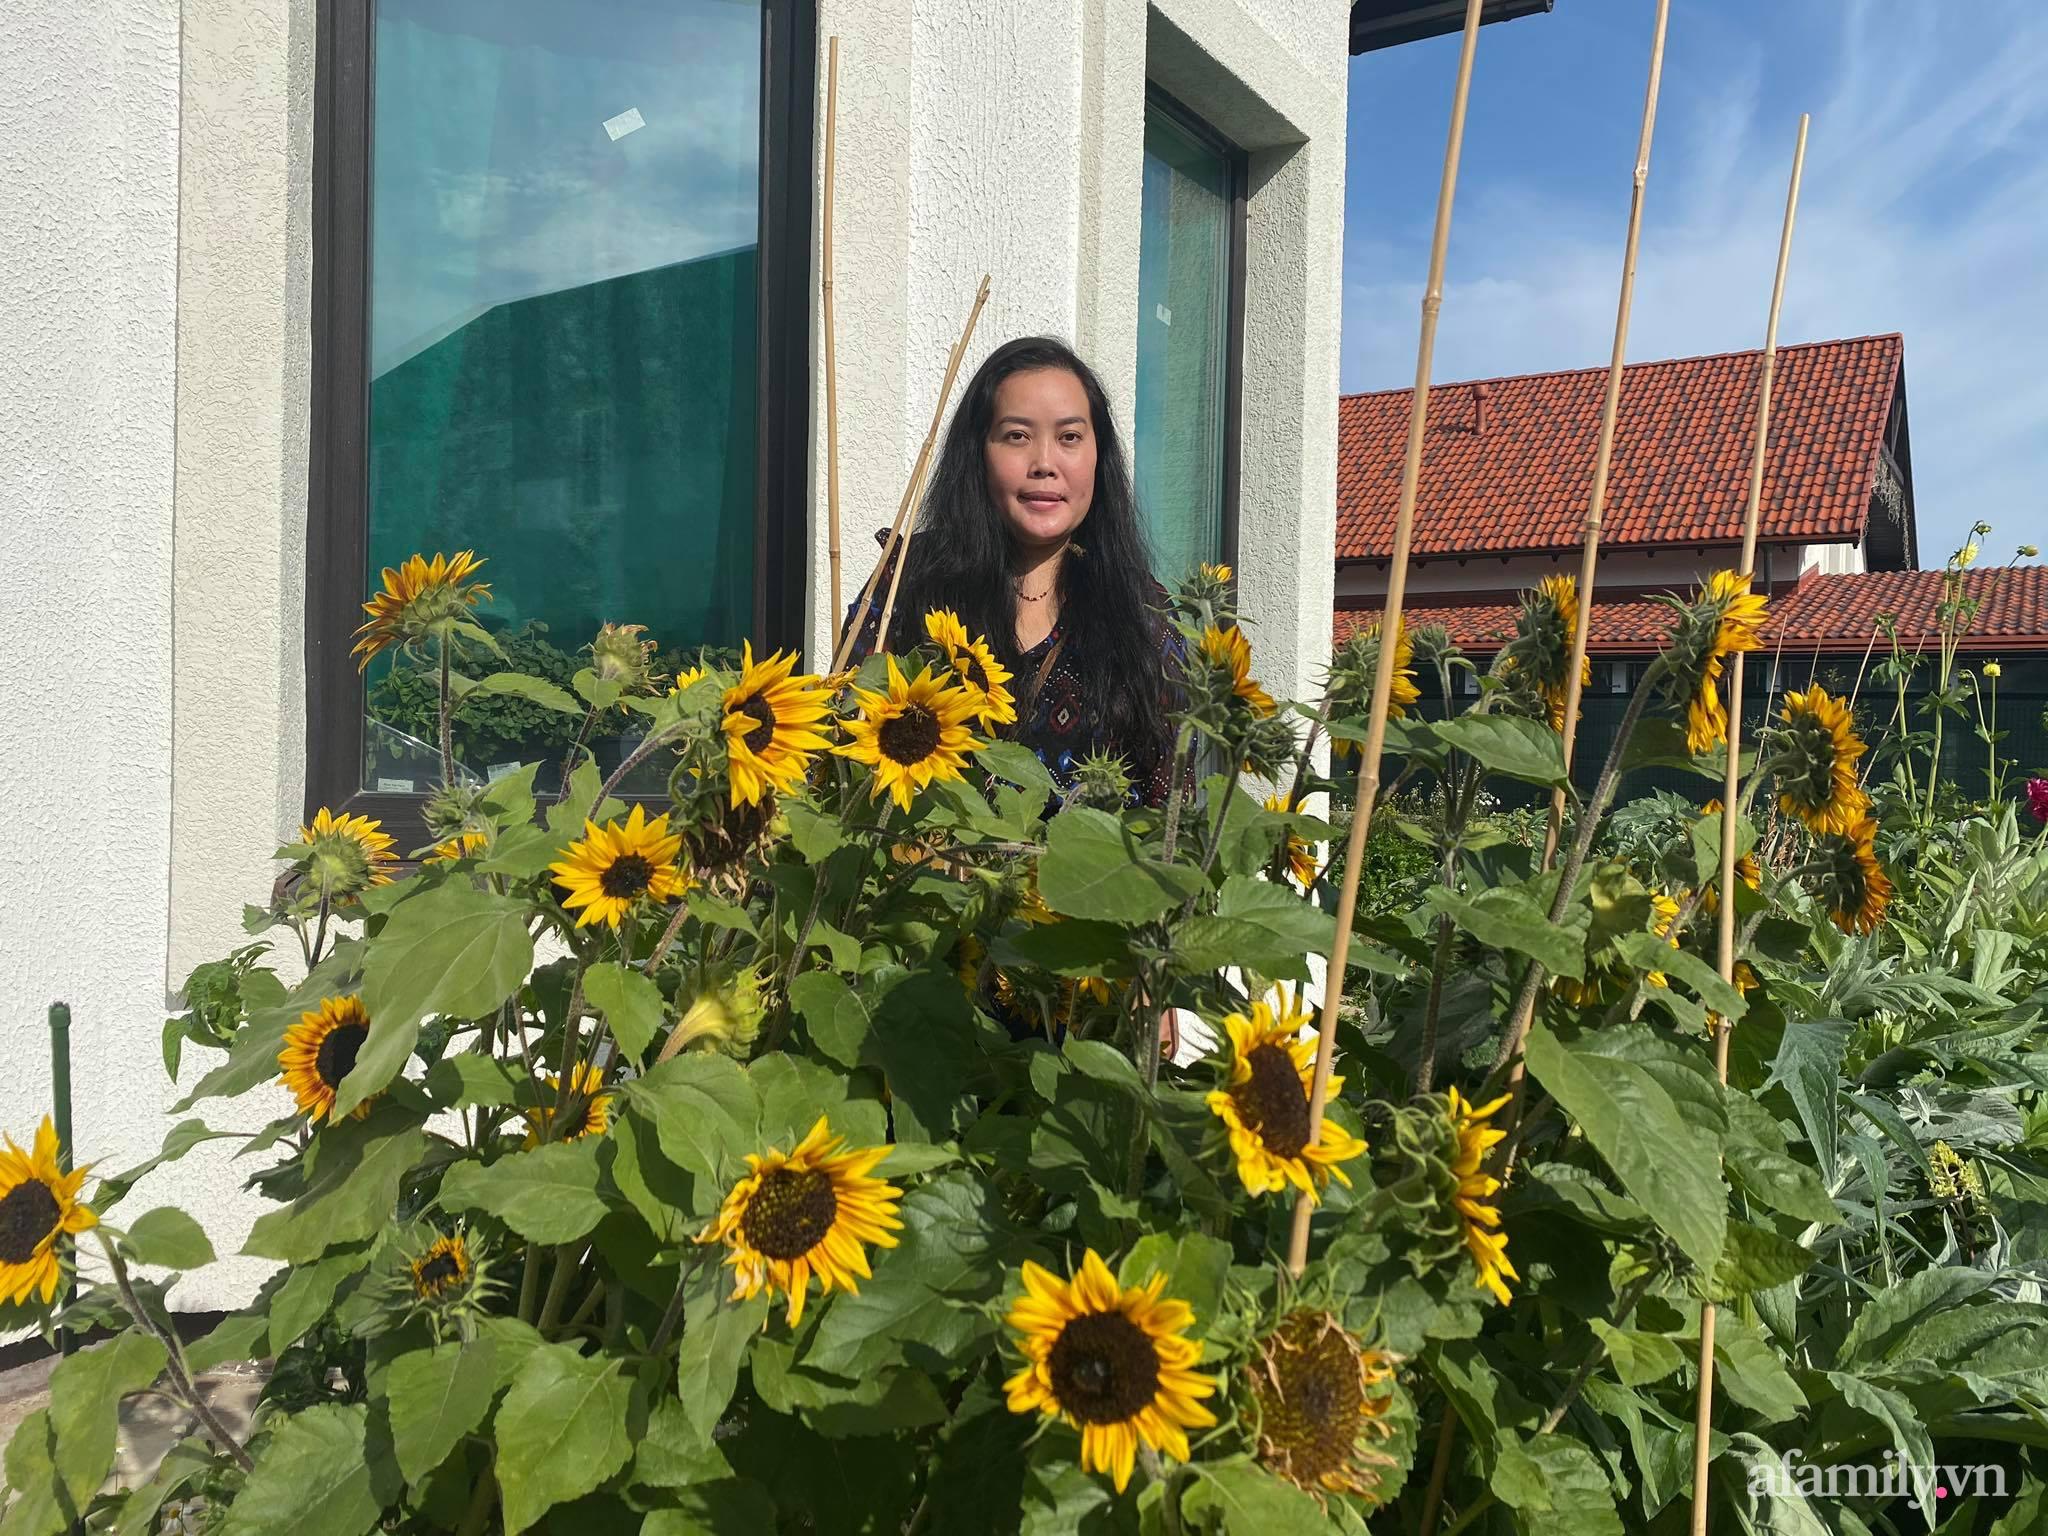 Khu vườn ngát hương hoa, tươi xanh màu rau củ của nữ giám đốc Việt ở Nga - Ảnh 2.